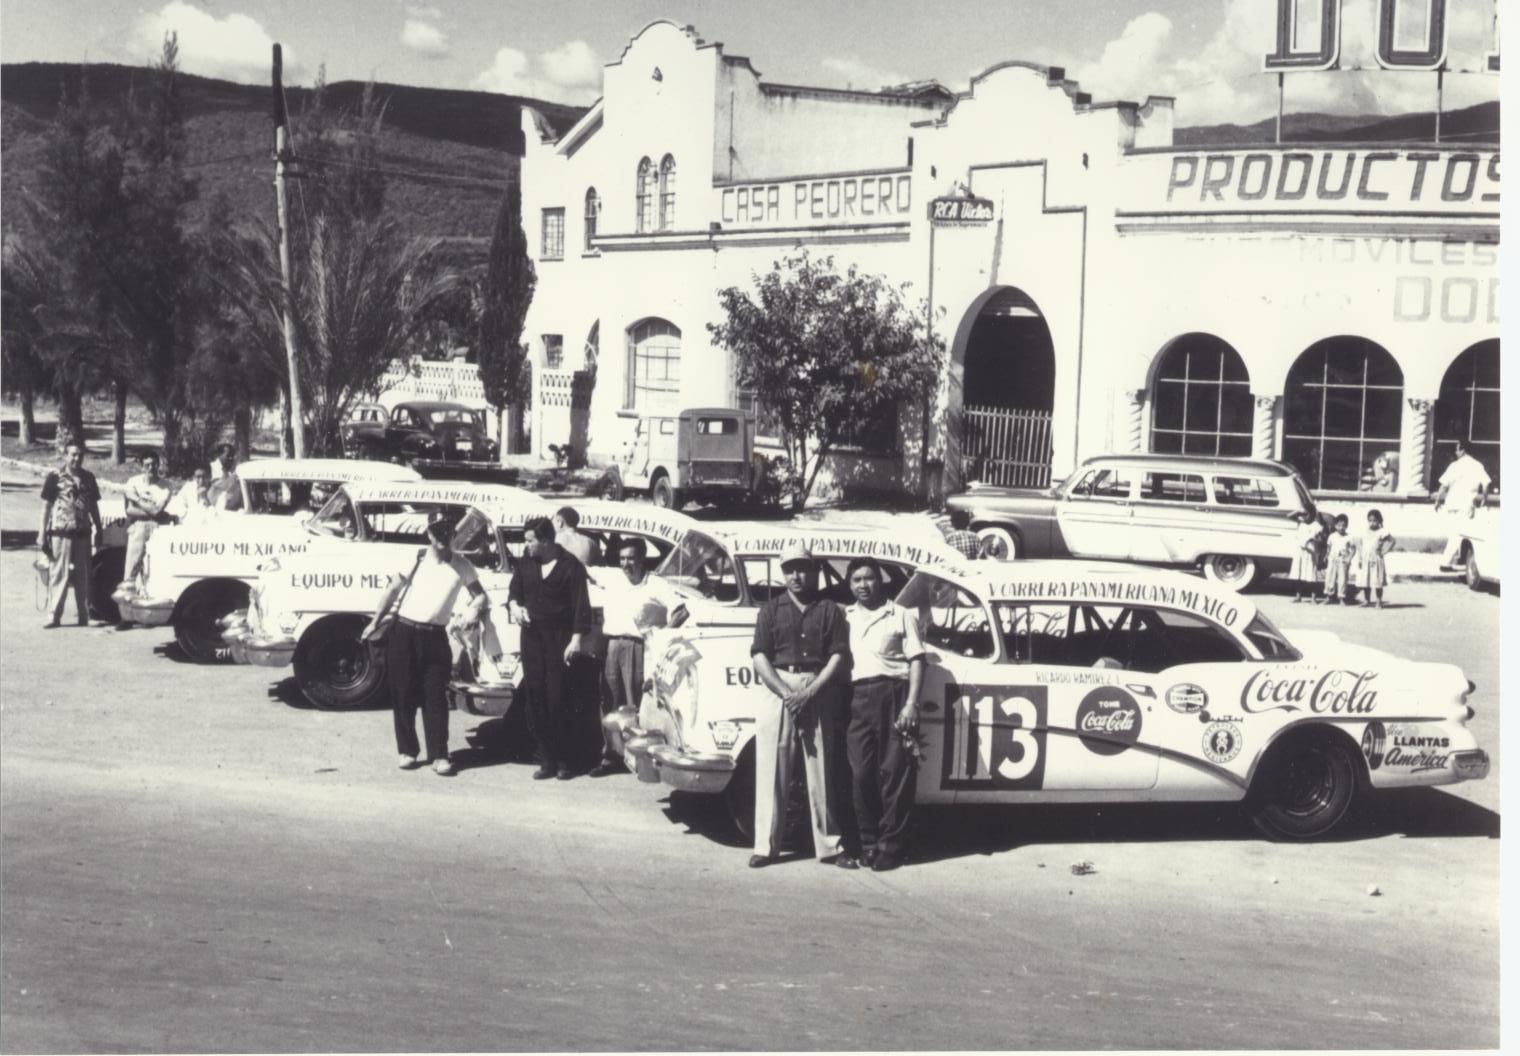 """a1 2 - A história da """"La Carrera Panamericana"""""""